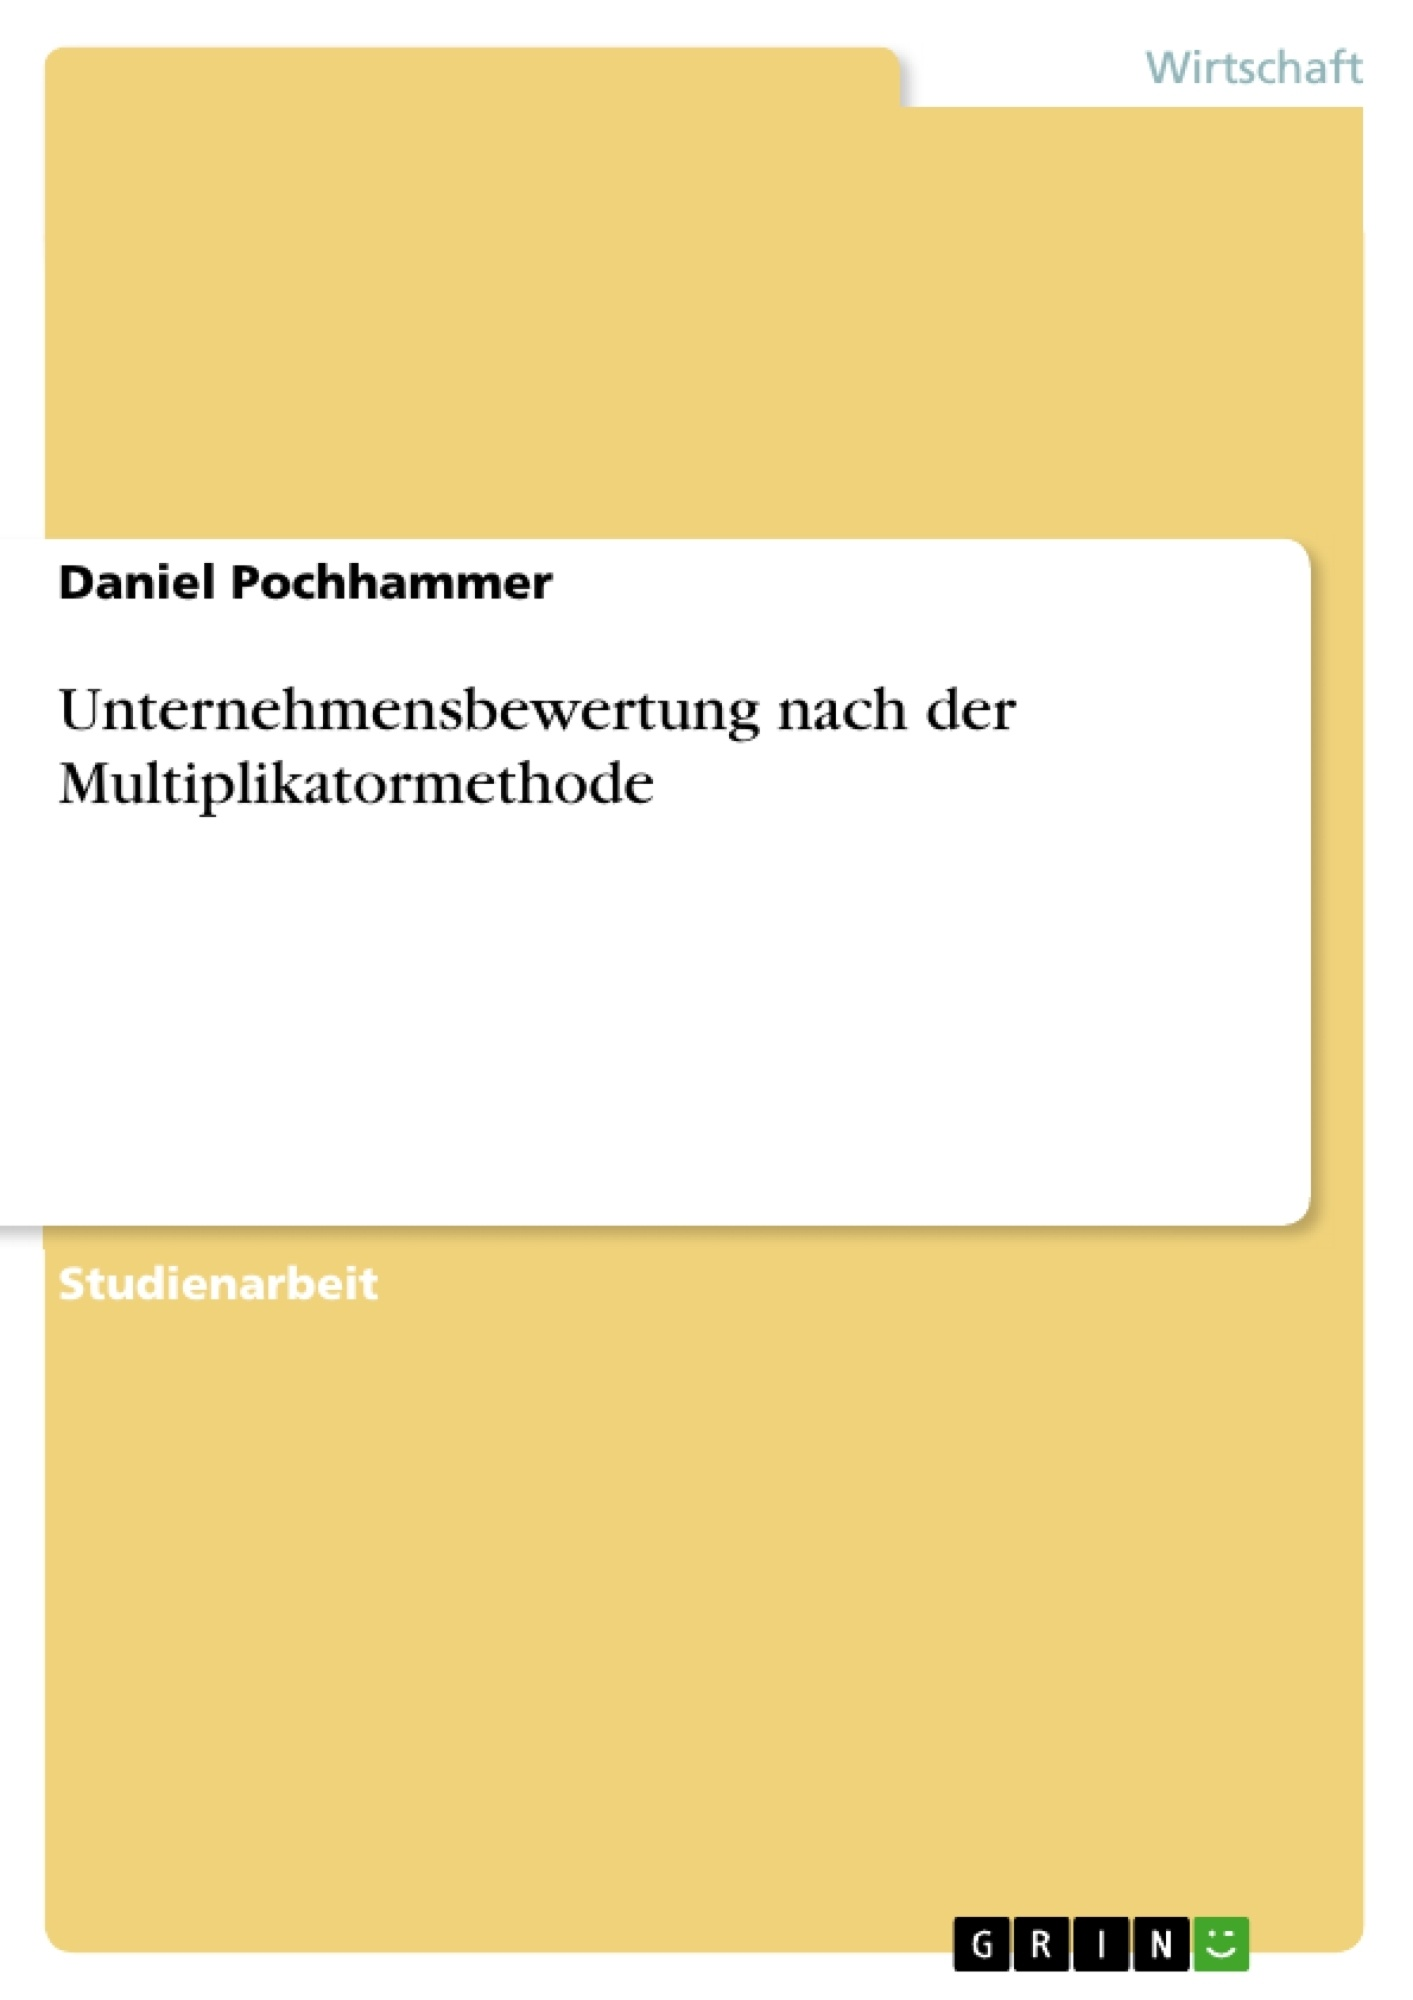 Titel: Unternehmensbewertung nach der Multiplikatormethode